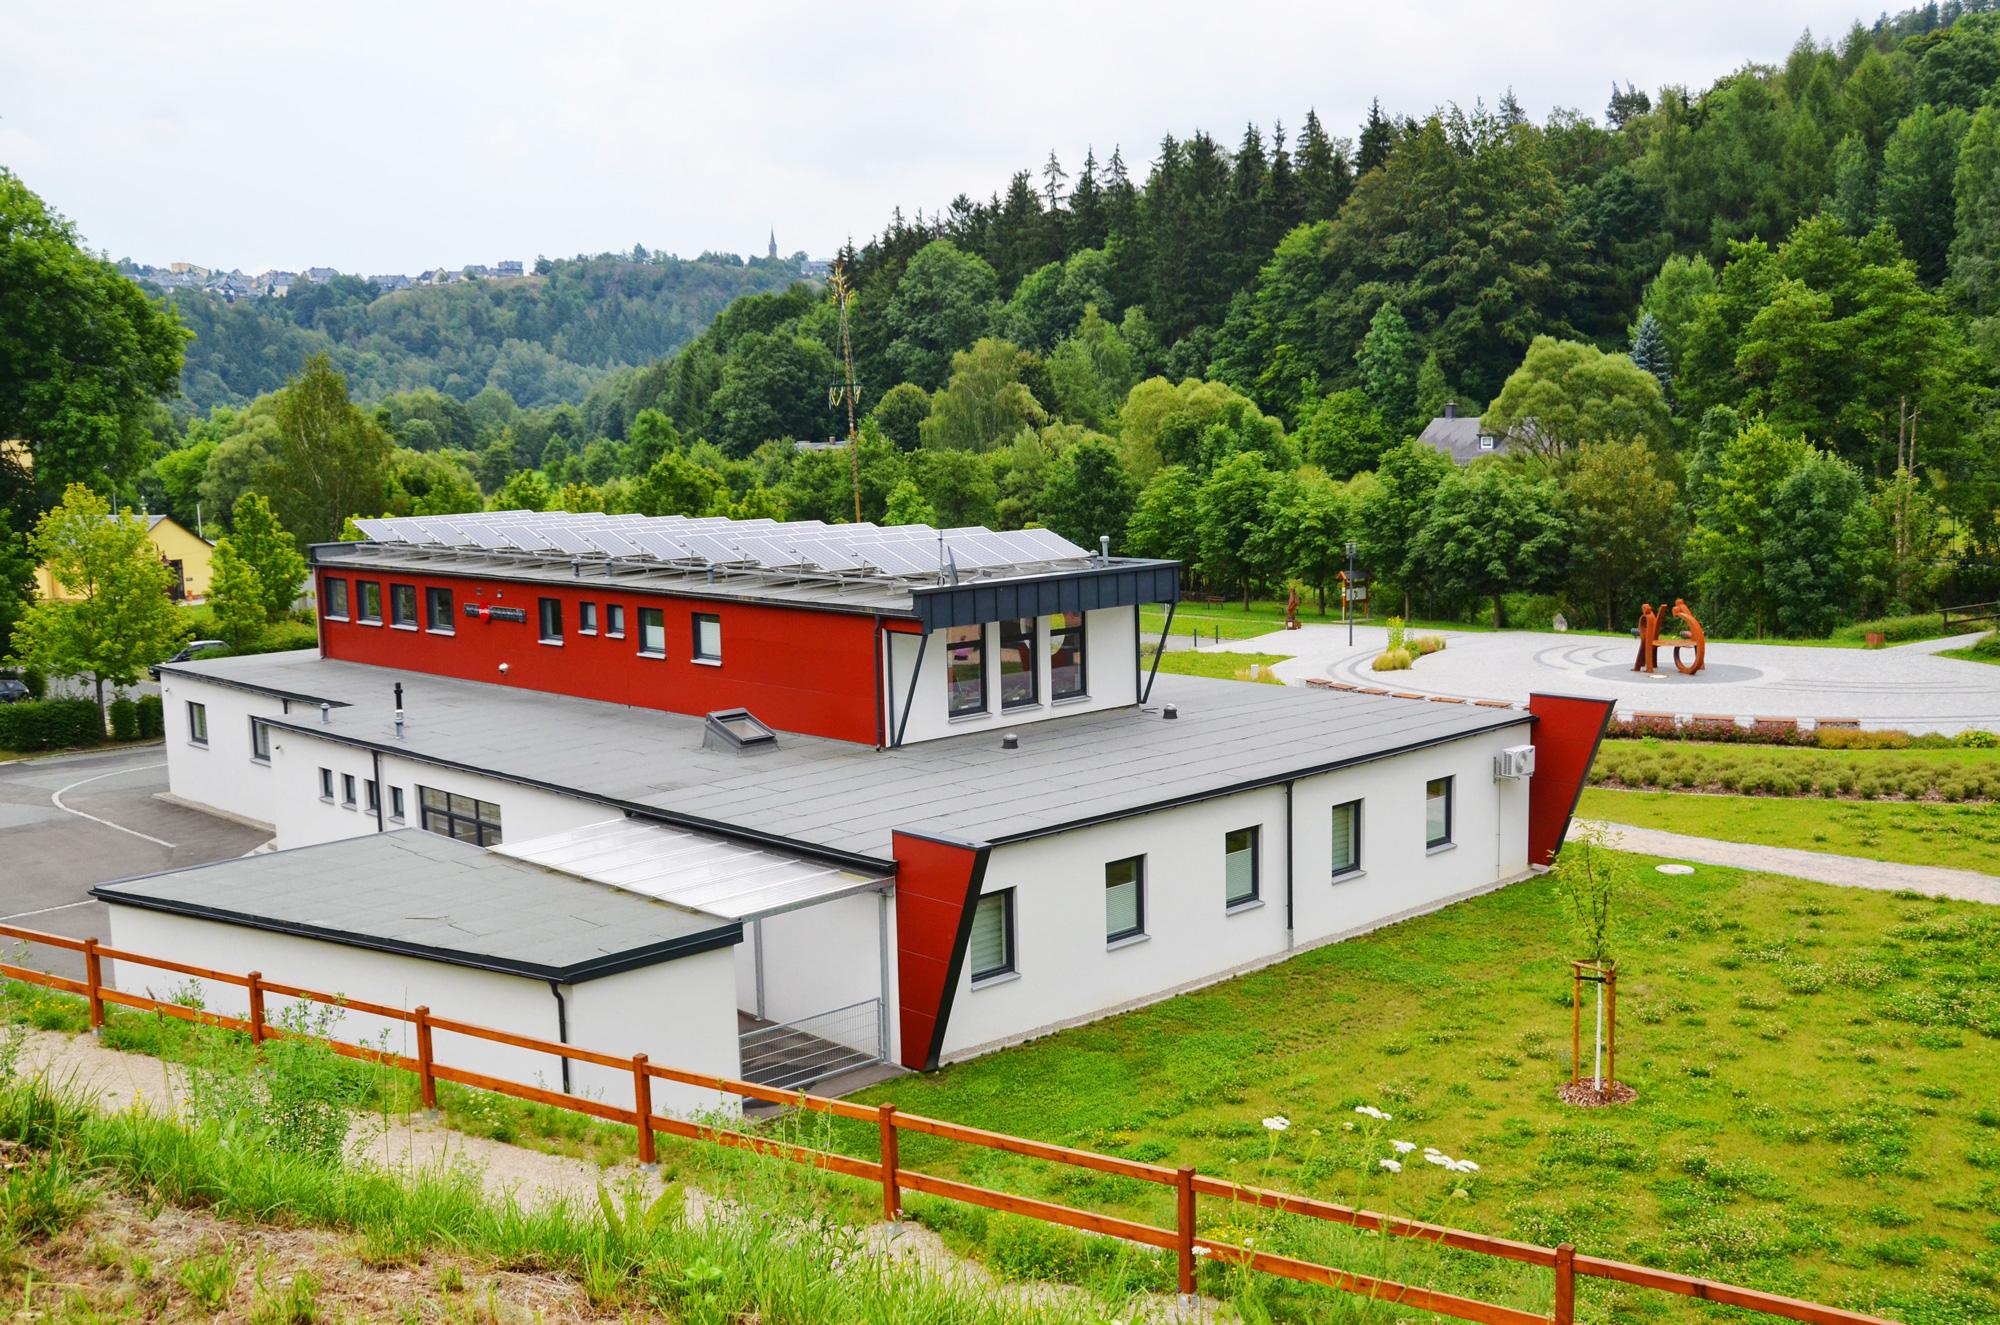 Aufdachdämmung, Bitumenschweißbahn, Faserzementfassade und Solaranlage, Ärztehaus  Blankenstein, Saale-Orla-Kreis